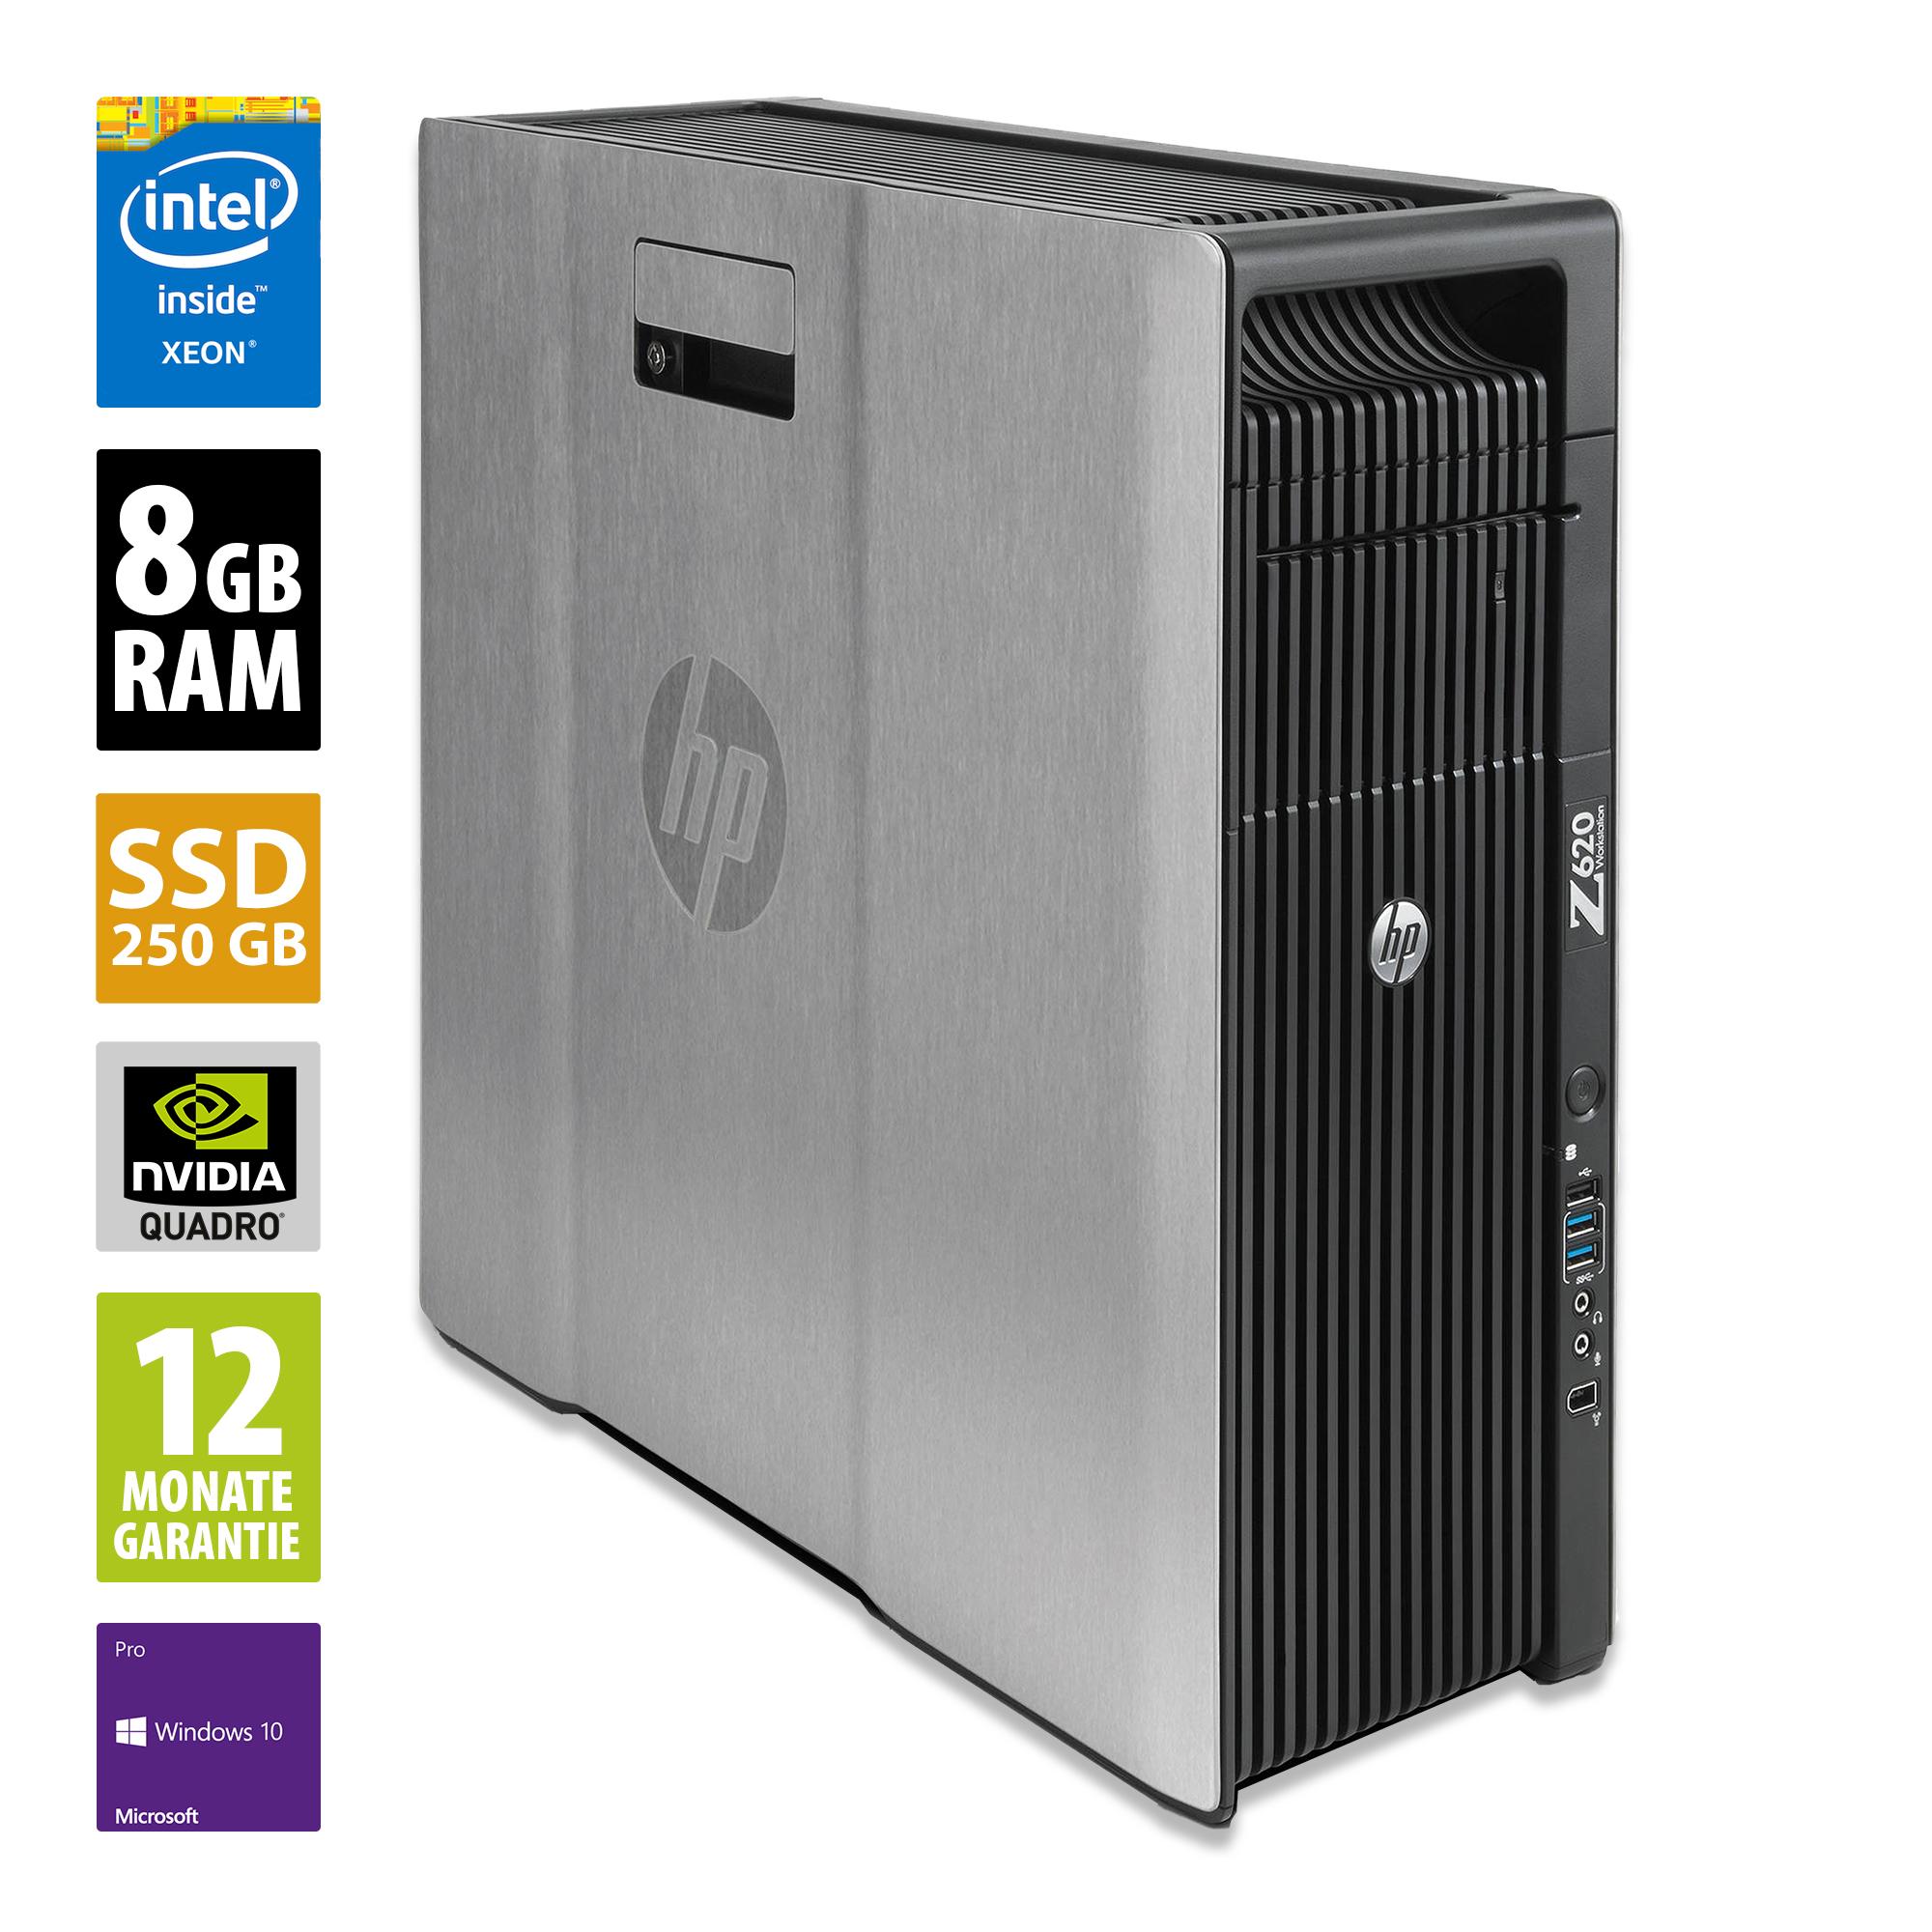 HP Workstation Z620 - Xeon E5-2609 @ 2,4 GHz - 8GB RAM - 250GB SSD - DVD-RW - Nvidia Quadro 2000 - Win10Pro